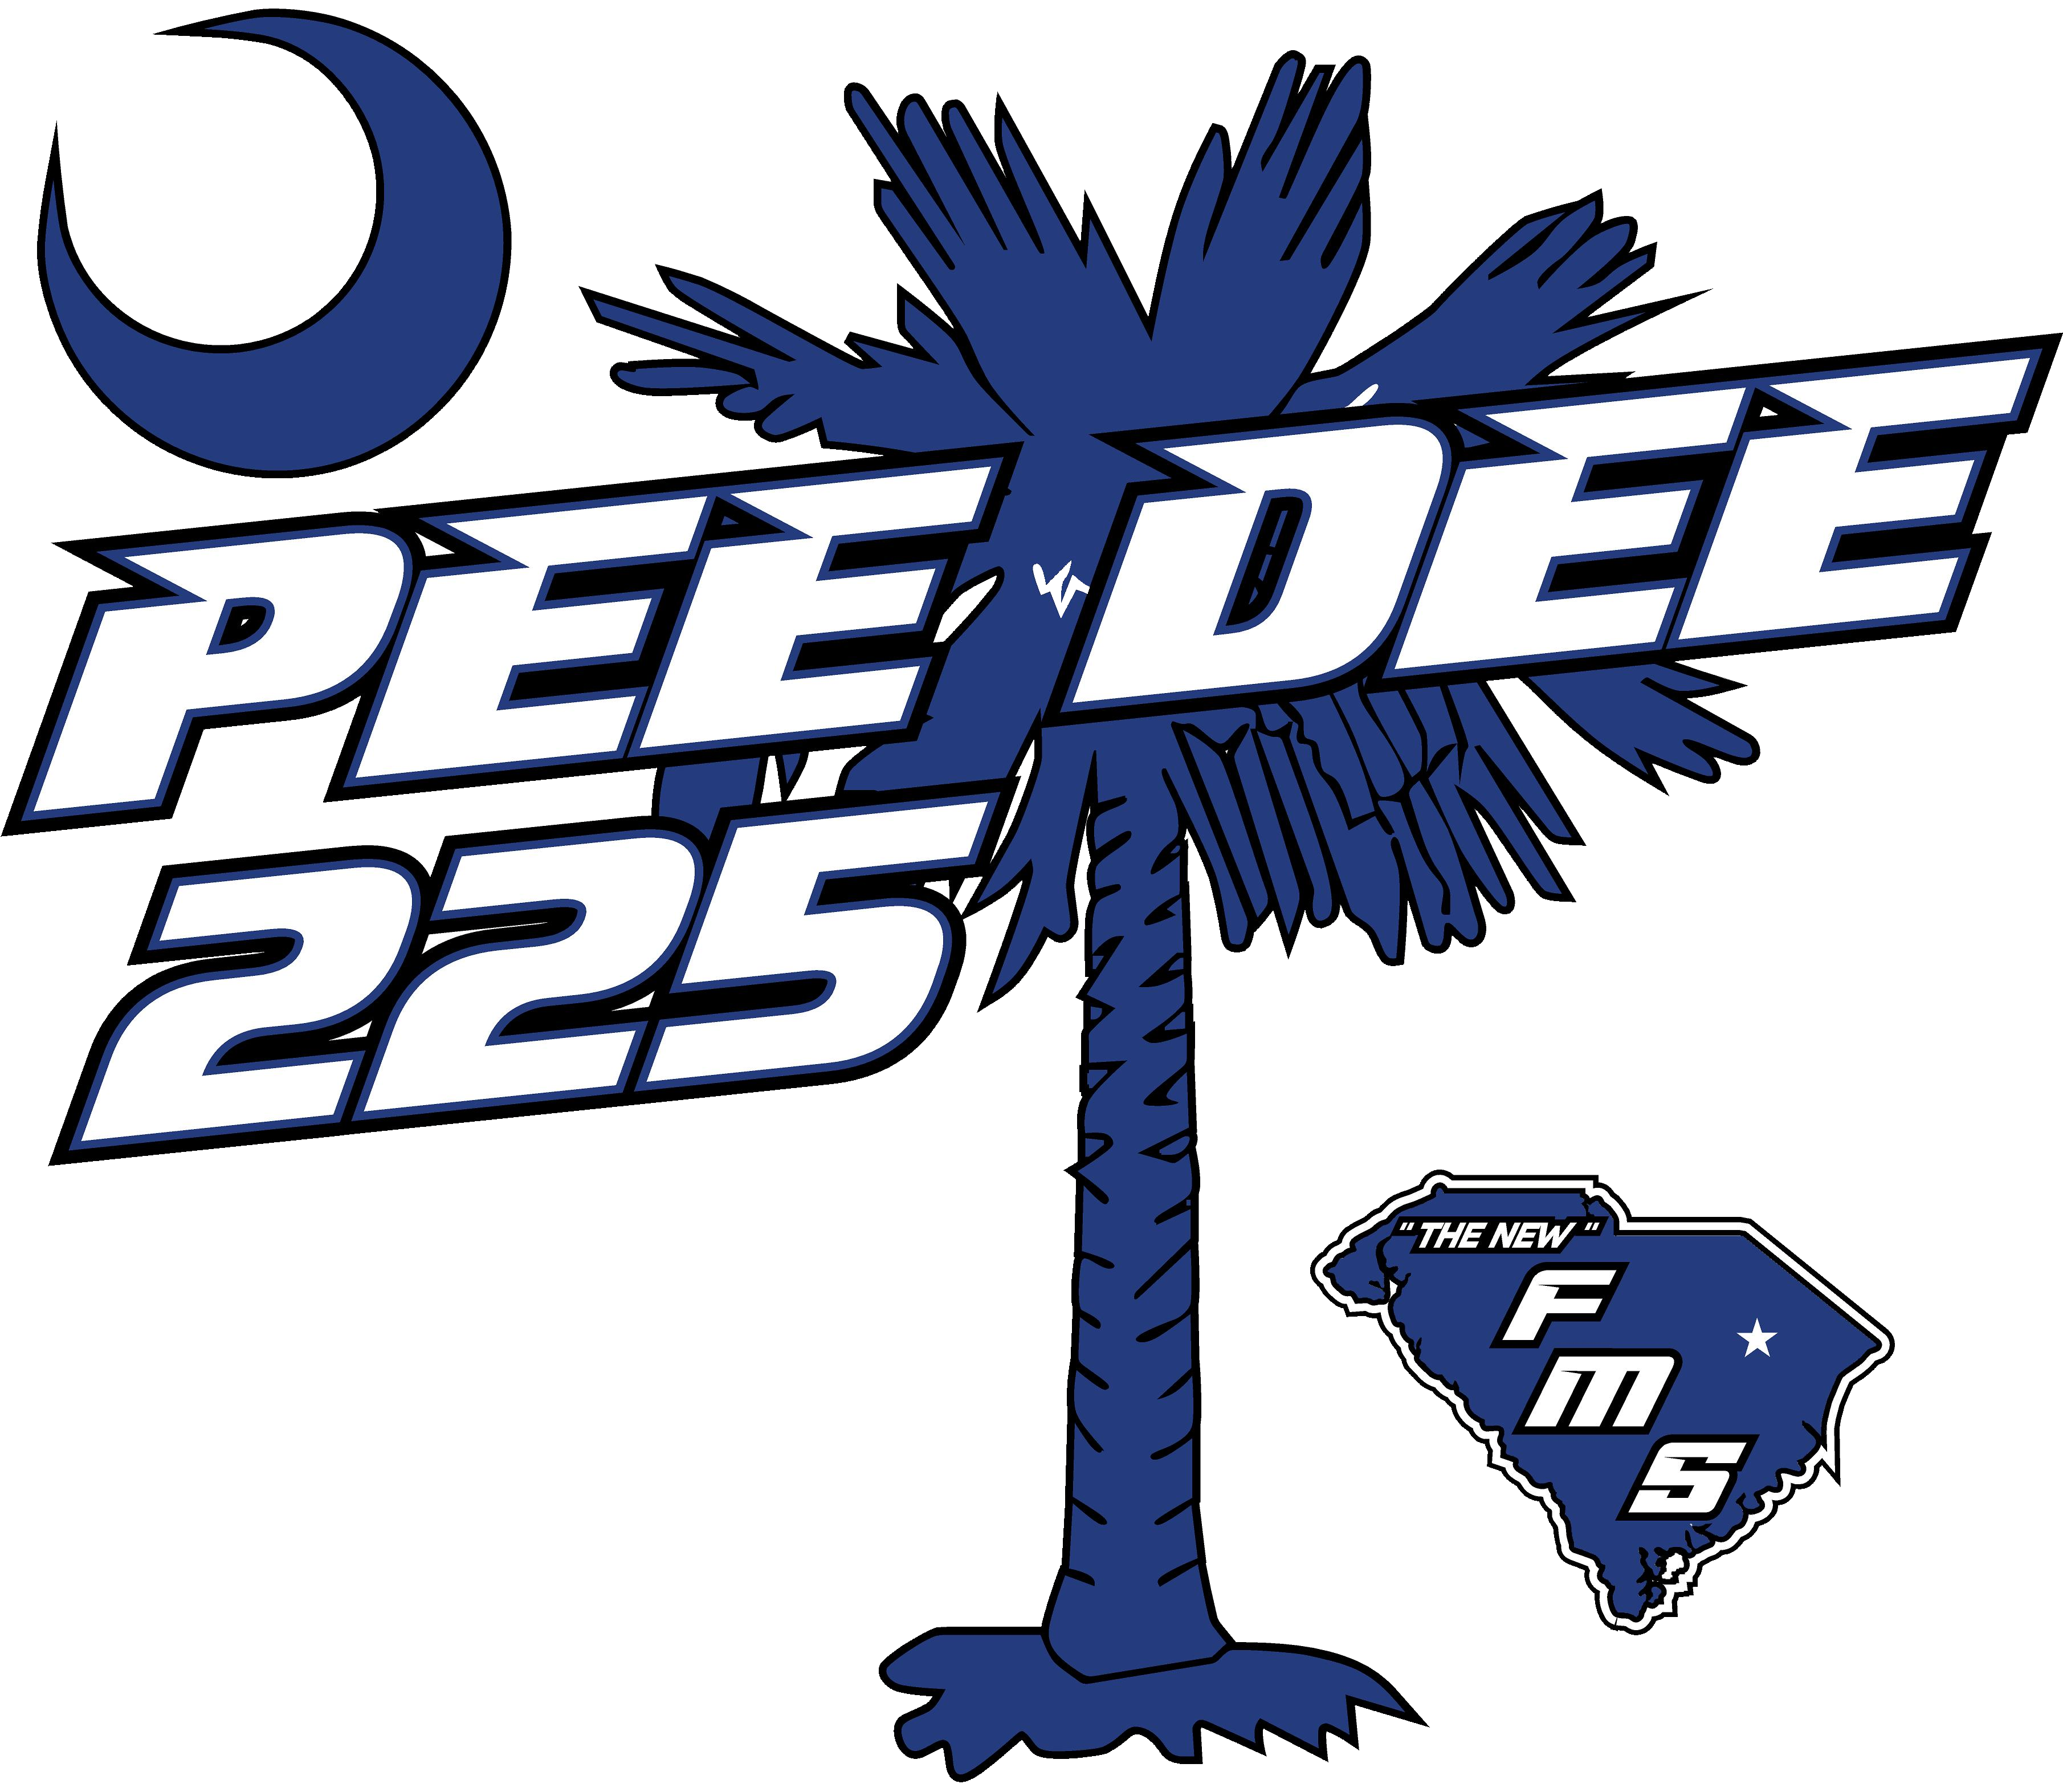 Pee Dee 225 Logo